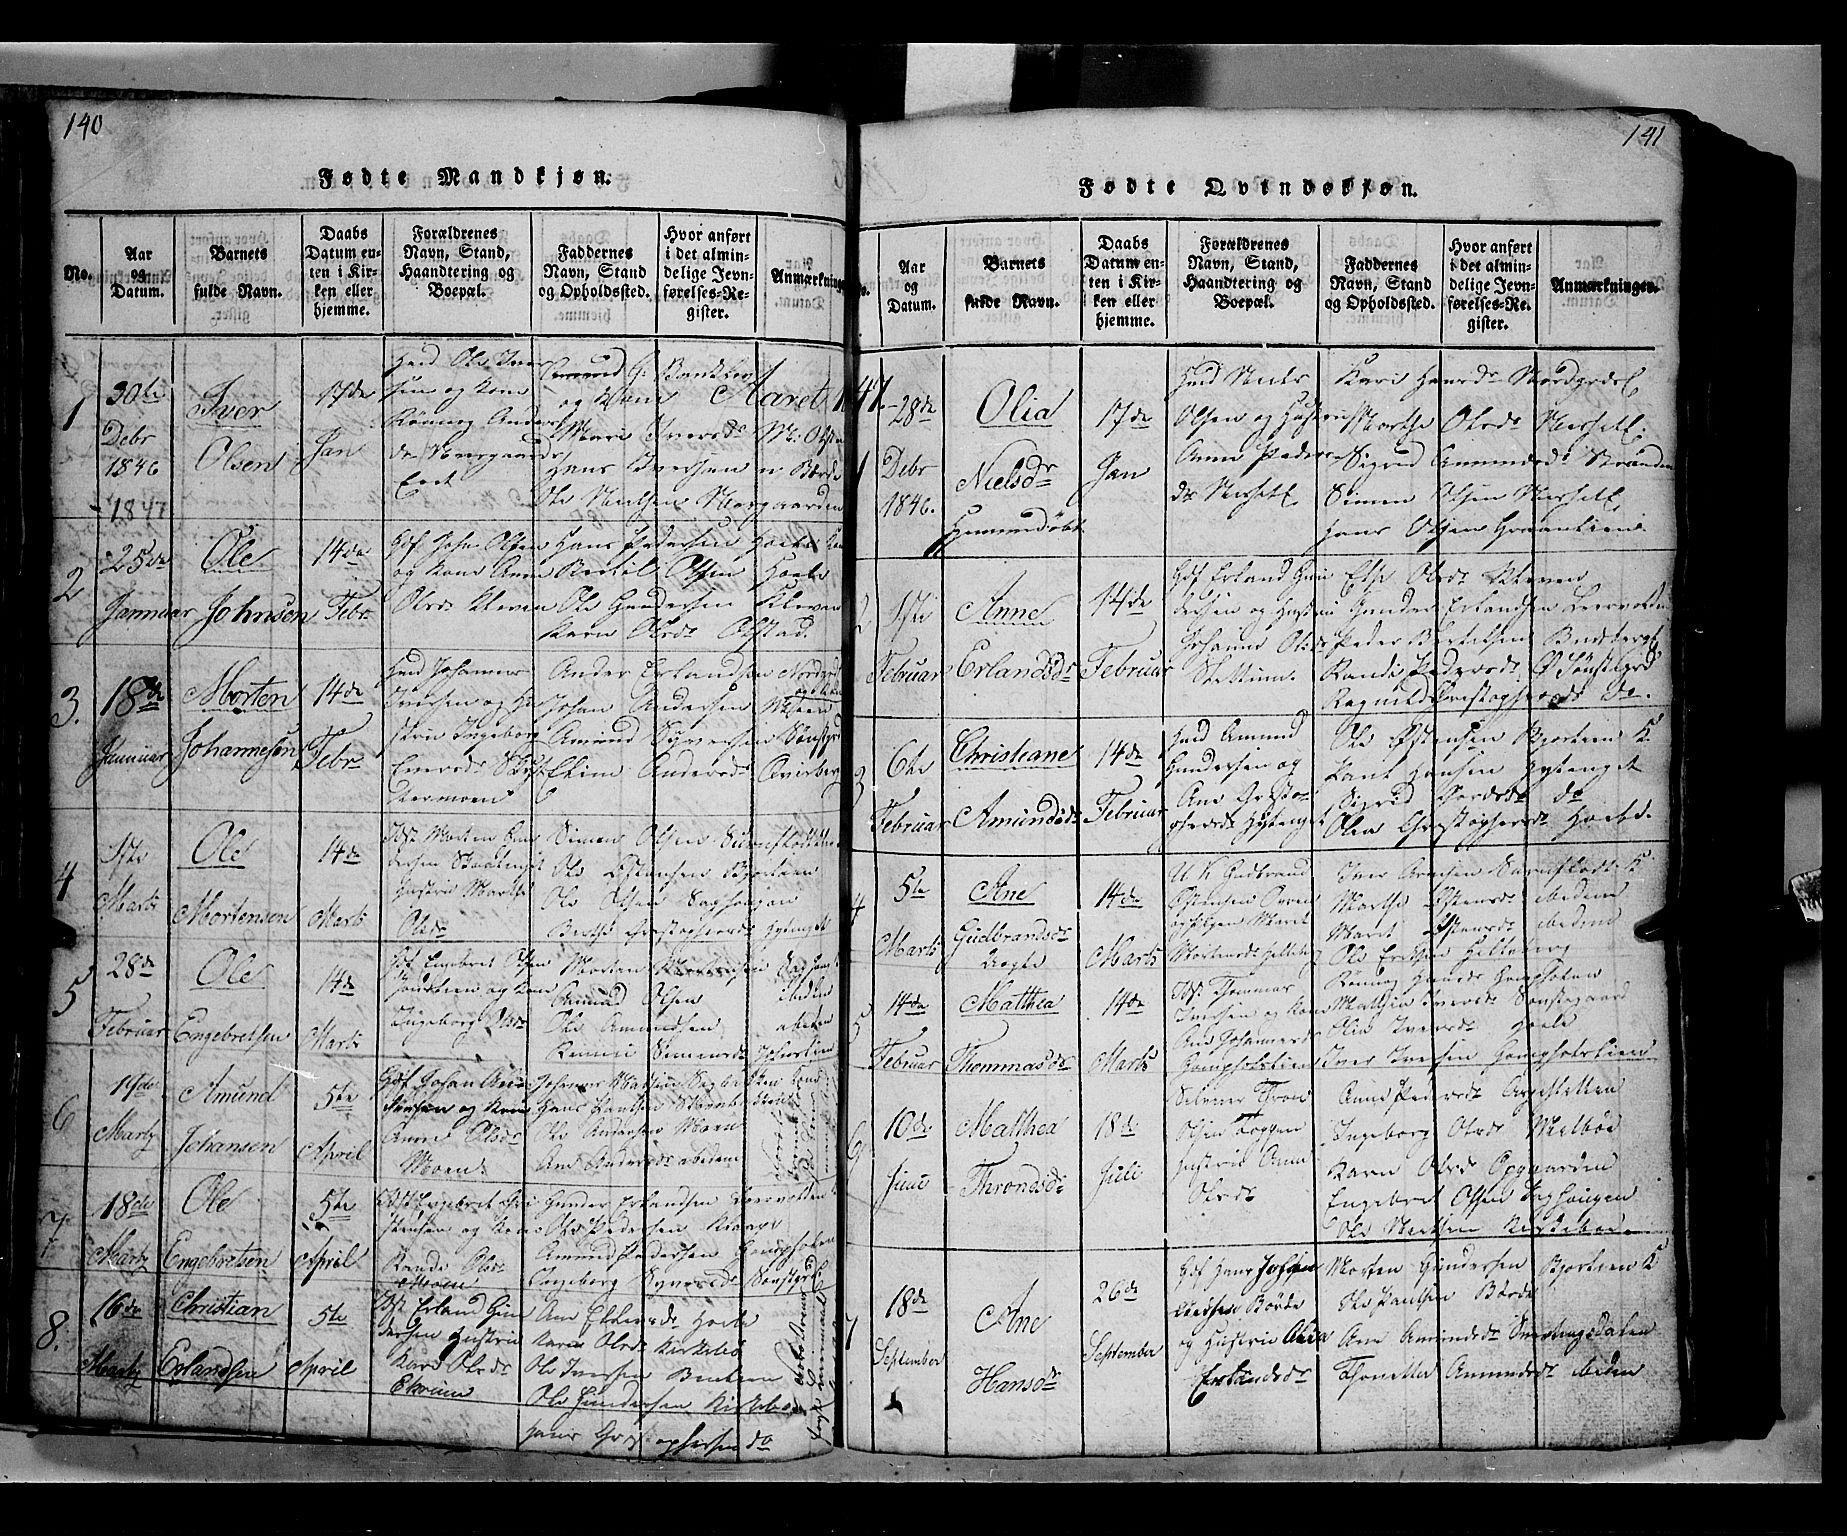 SAH, Gausdal prestekontor, Klokkerbok nr. 2, 1818-1874, s. 140-141